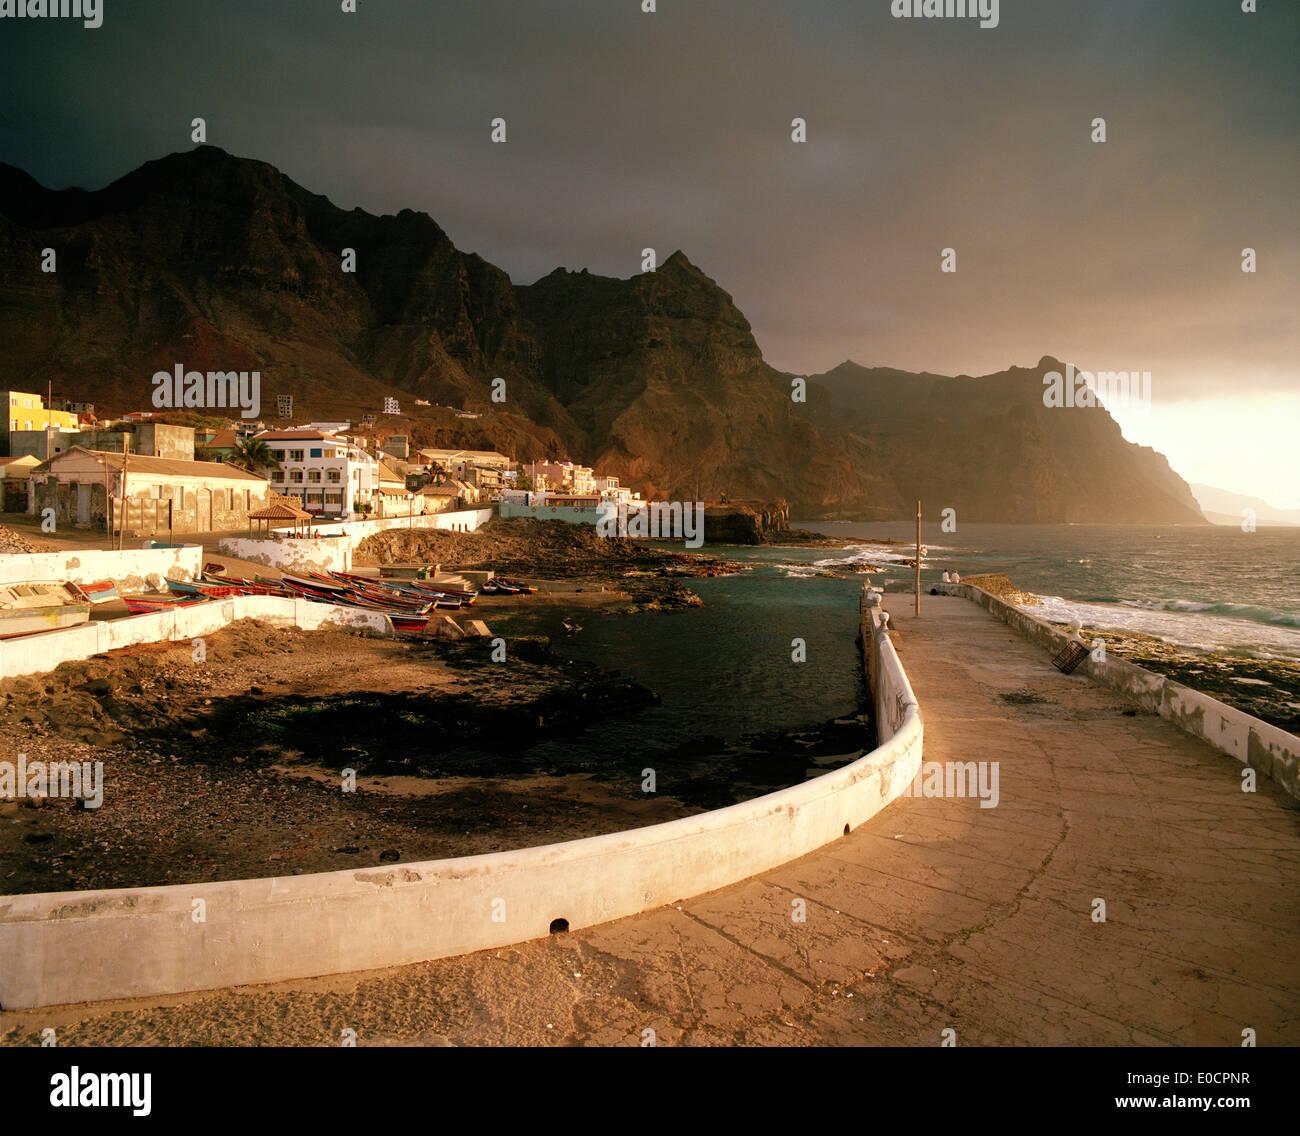 Quay wall of natural harbour Boca de Pistol in the evening sun, Ponta do Sol, Santo Antao, Ilhas de Barlavento, Stock Photo